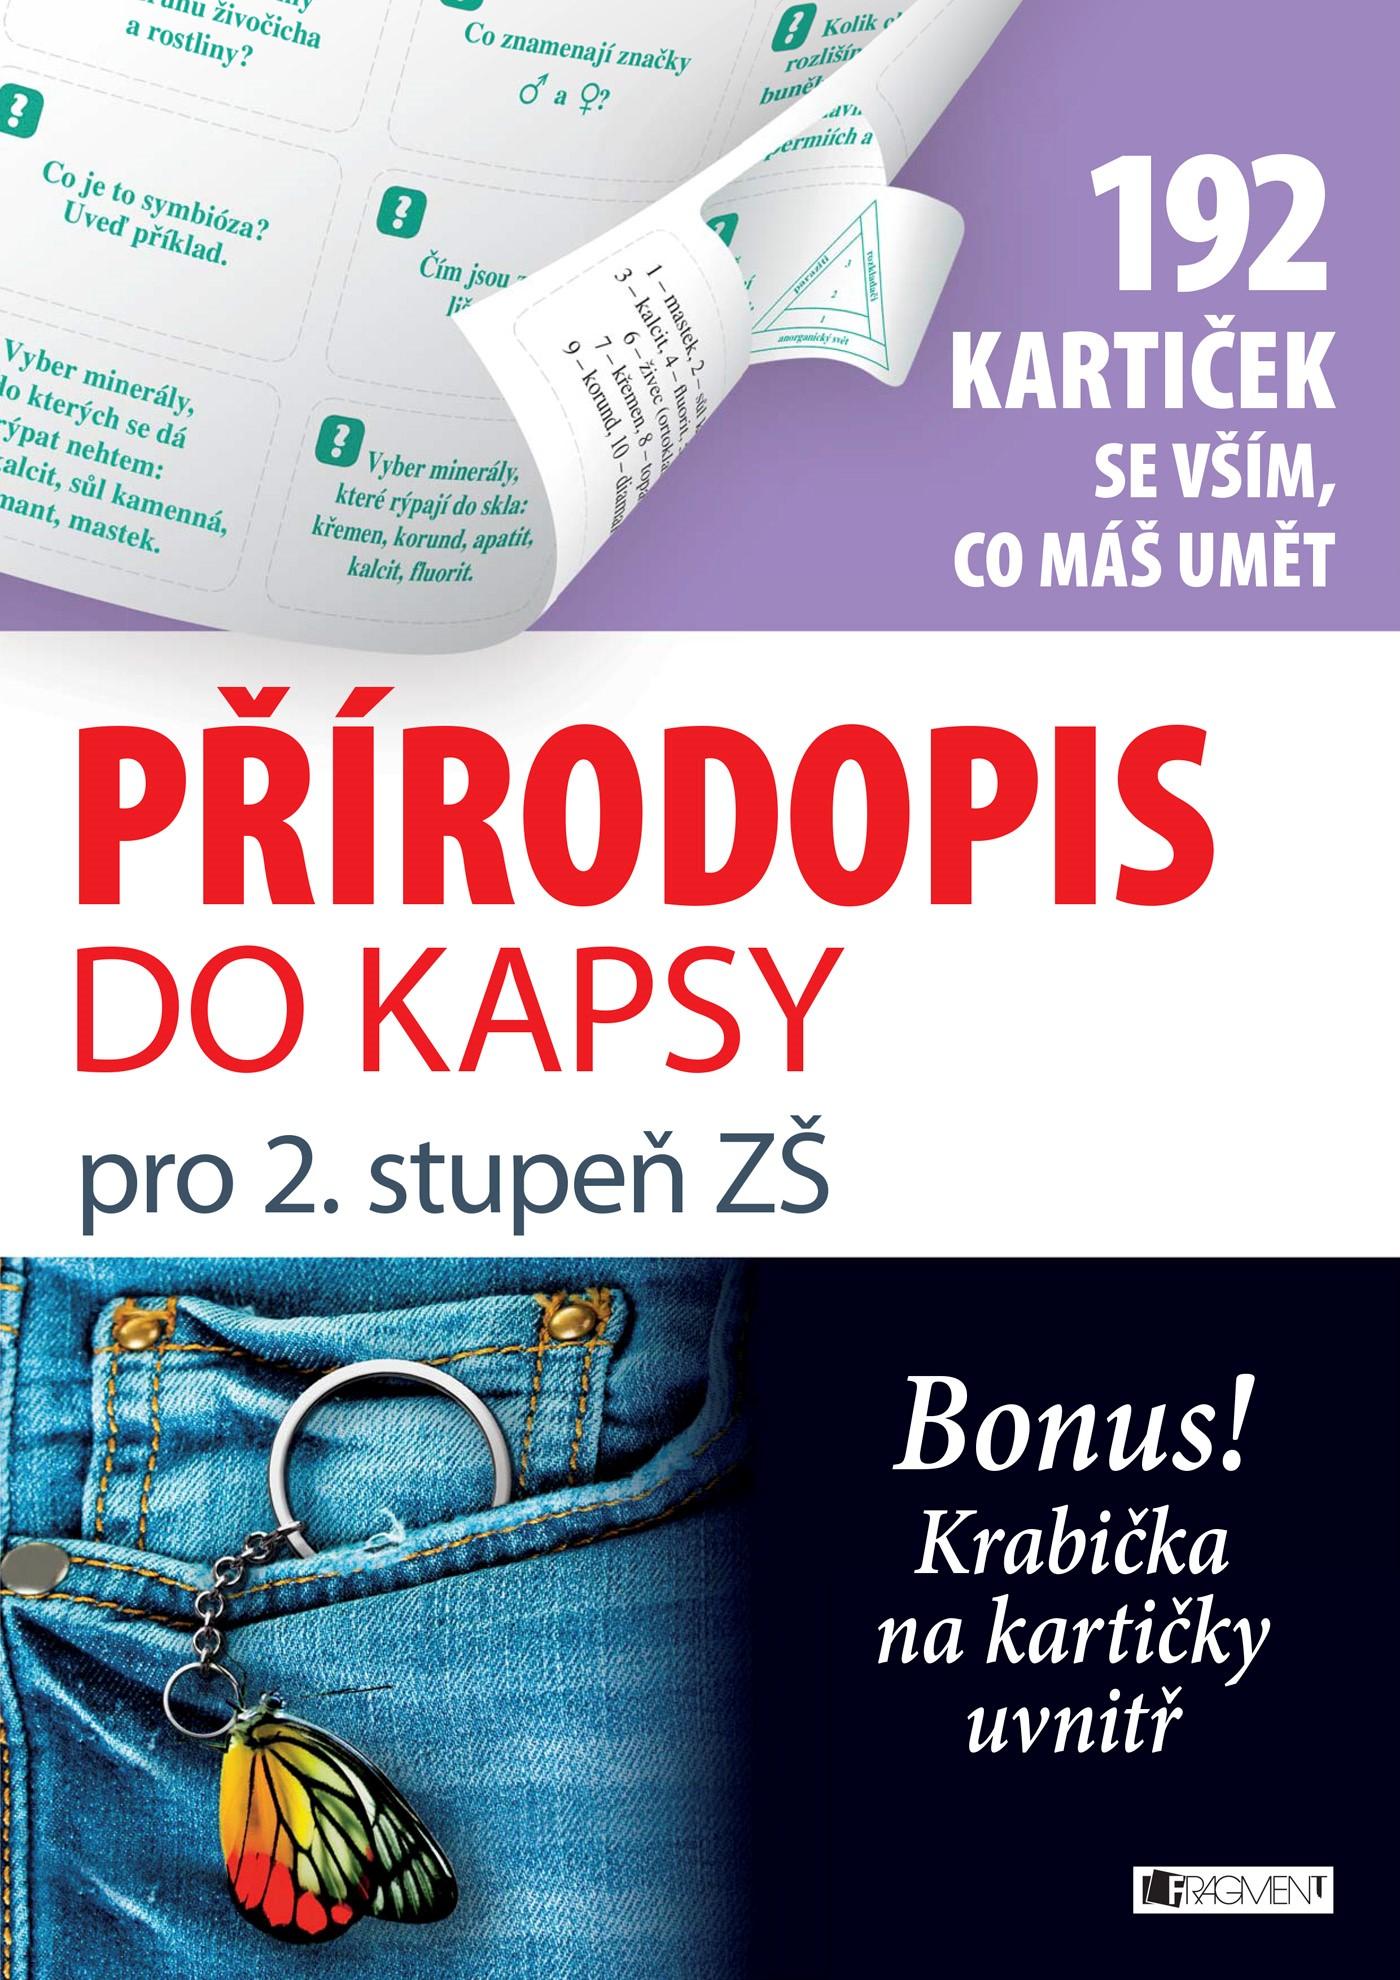 Přírodopis do kapsy pro 2. stup. ZŠ (192 kartiček) | Anna Kousalová